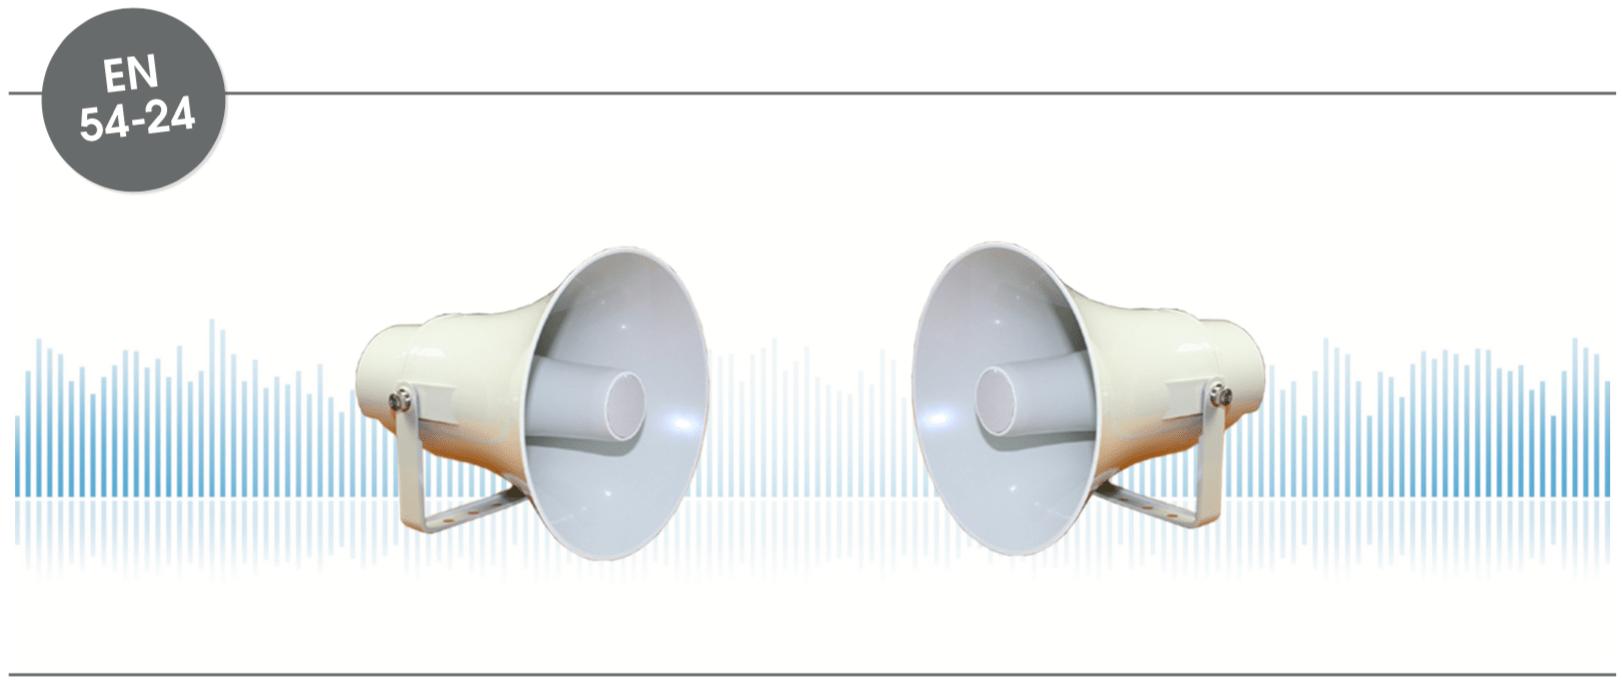 VOICE-15T-DC/EN5424